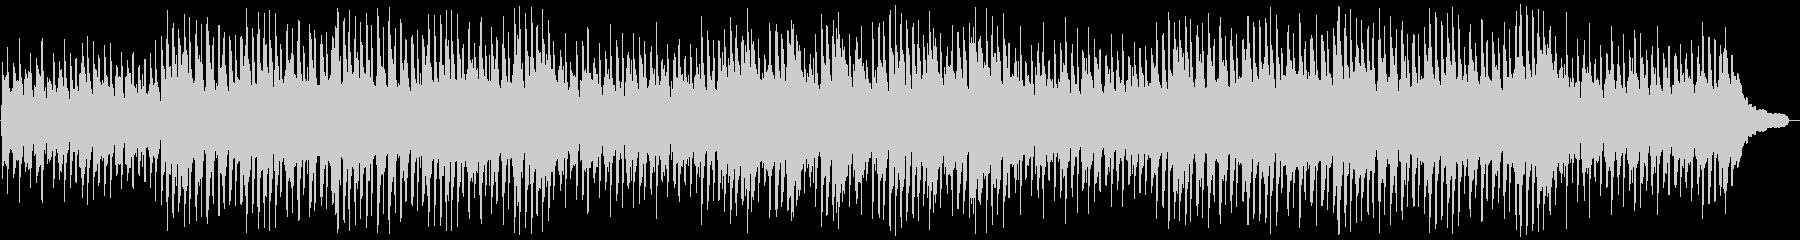 流行のコーポレート系サウンド♪の未再生の波形